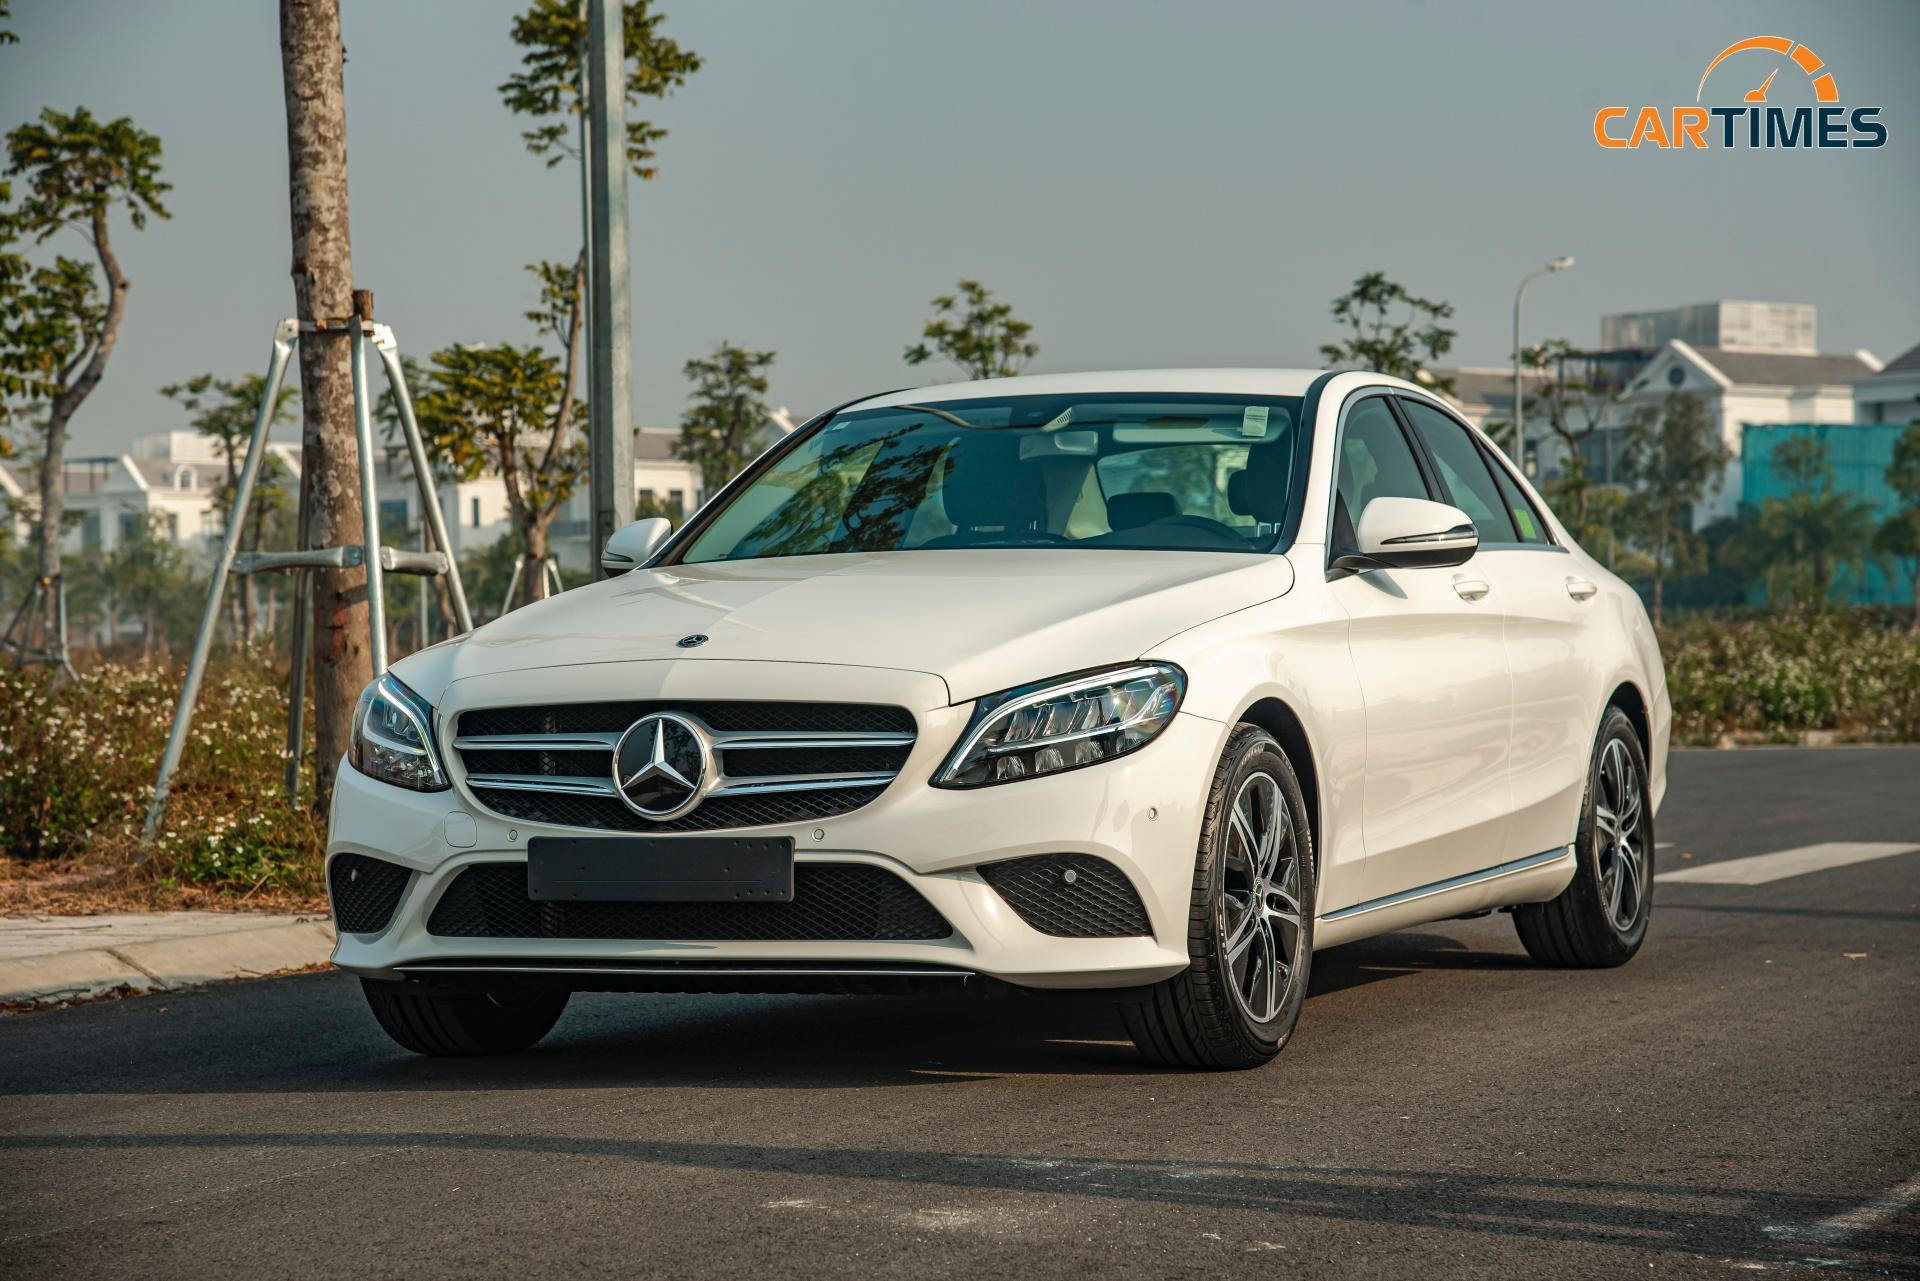 Còn mới tinh tươm, ODO chưa qua 50 km, Mercedes-Benz C 180 2020 đã được rao bán trên thị trường xe cũ -4